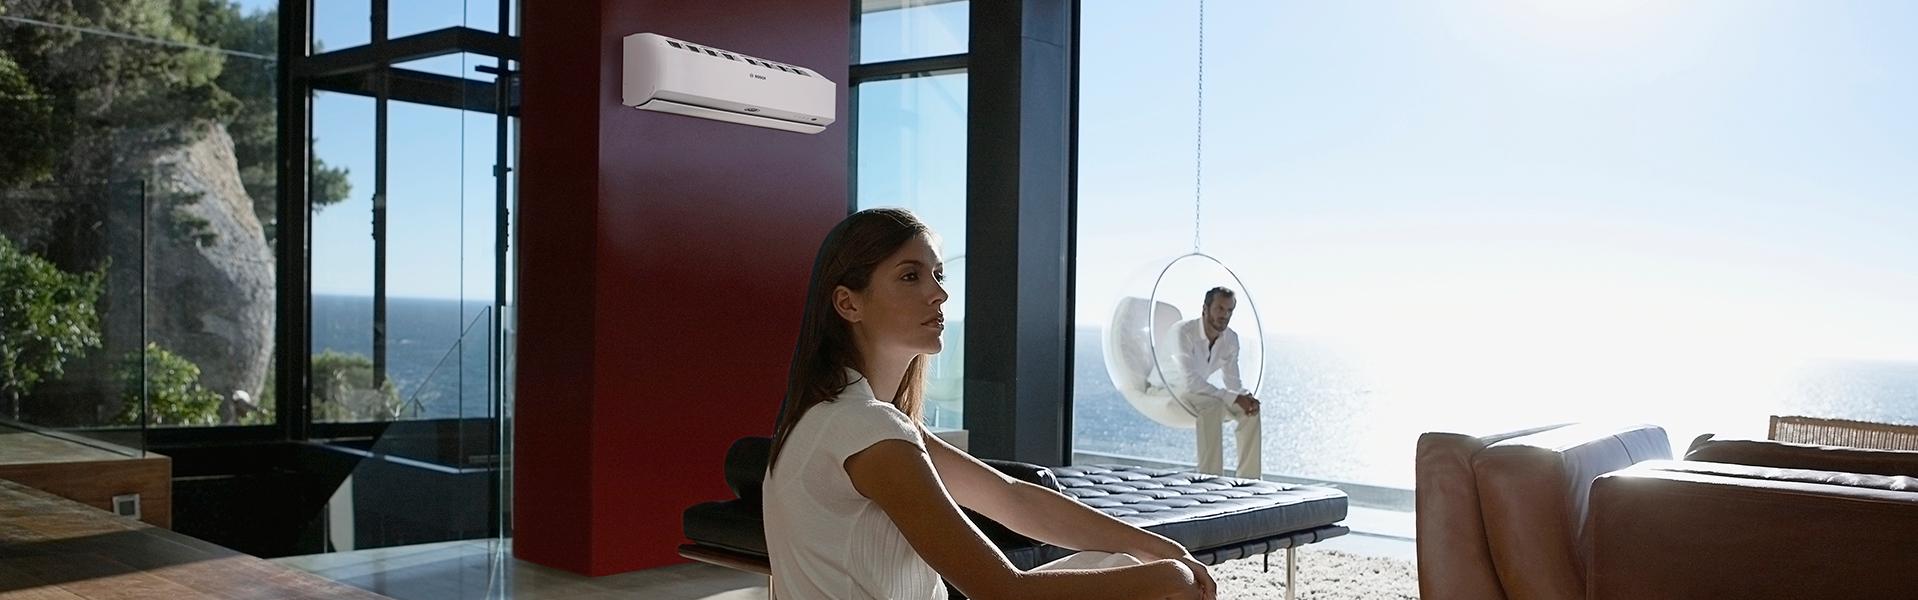 Klima uređaji Bosch Climate - Pretvorite svoj dom u oazu ugodnog i zdravog života